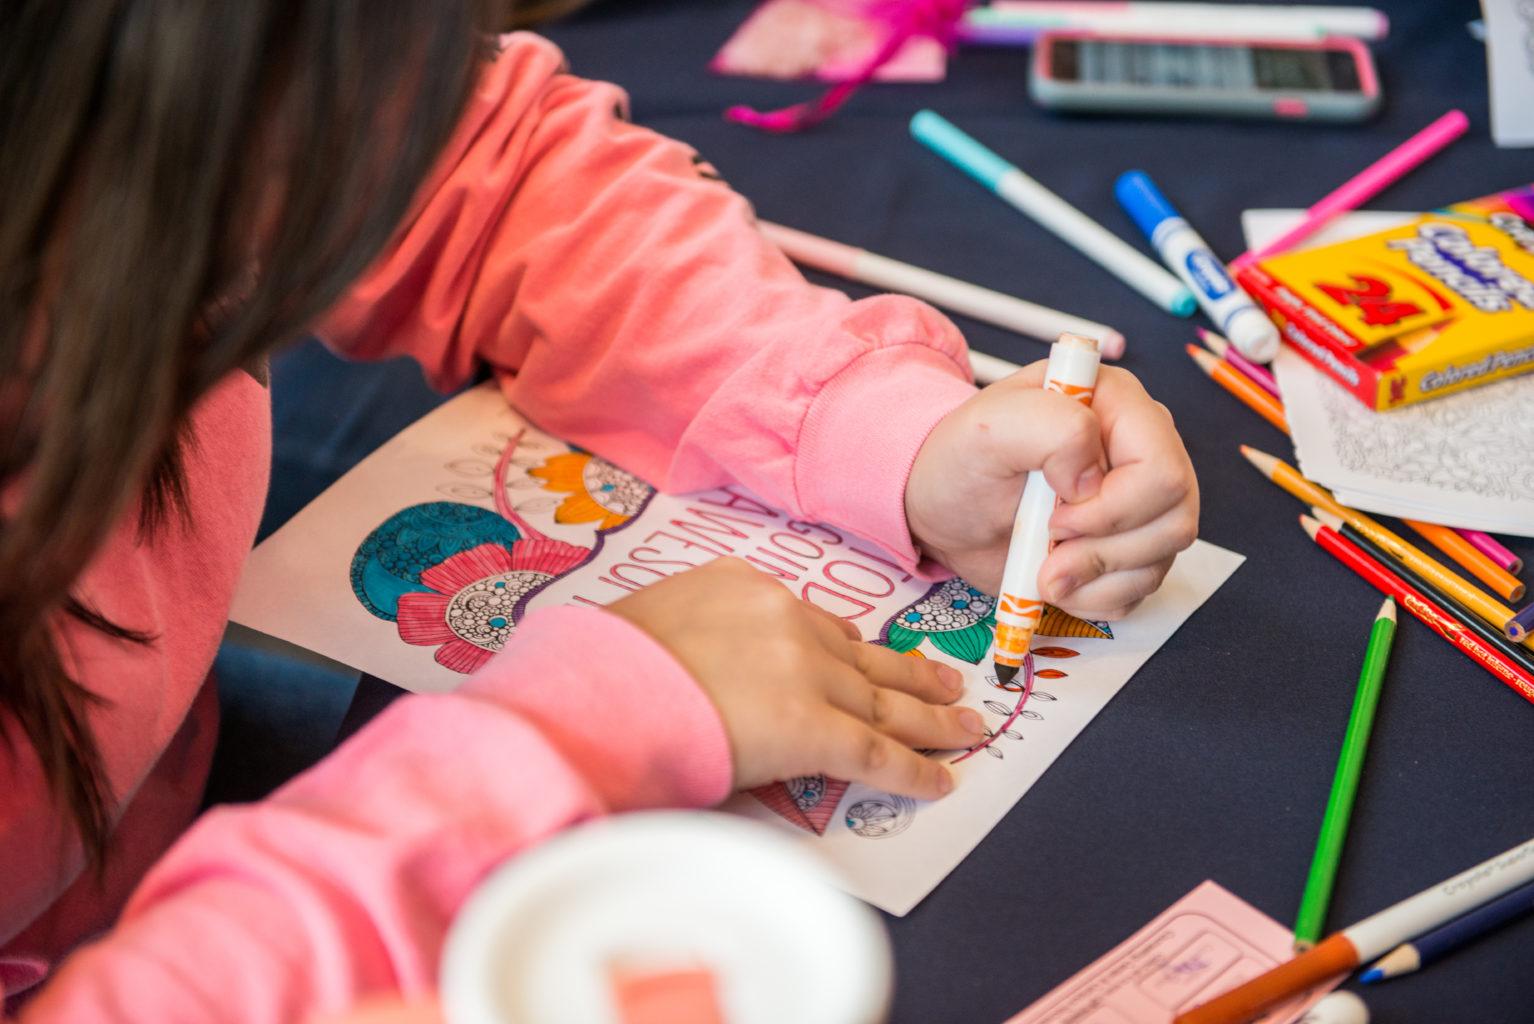 Unrecognizable woman coloring.